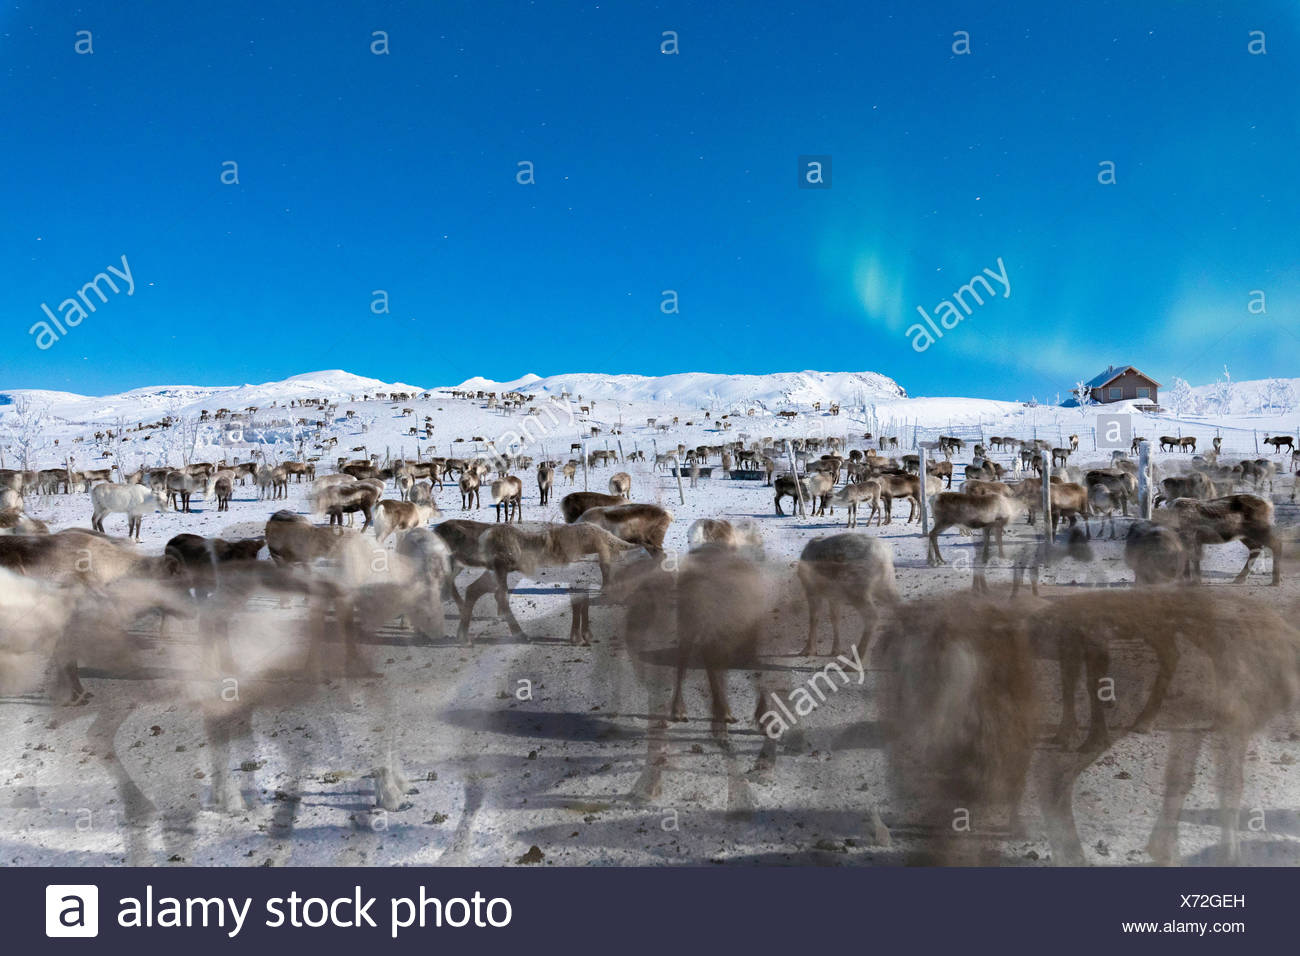 Herde von Rentieren unter Northern Lights, abisko, Norrbotten County, Gemeinde Kiruna, Lappland, Schweden Stockbild